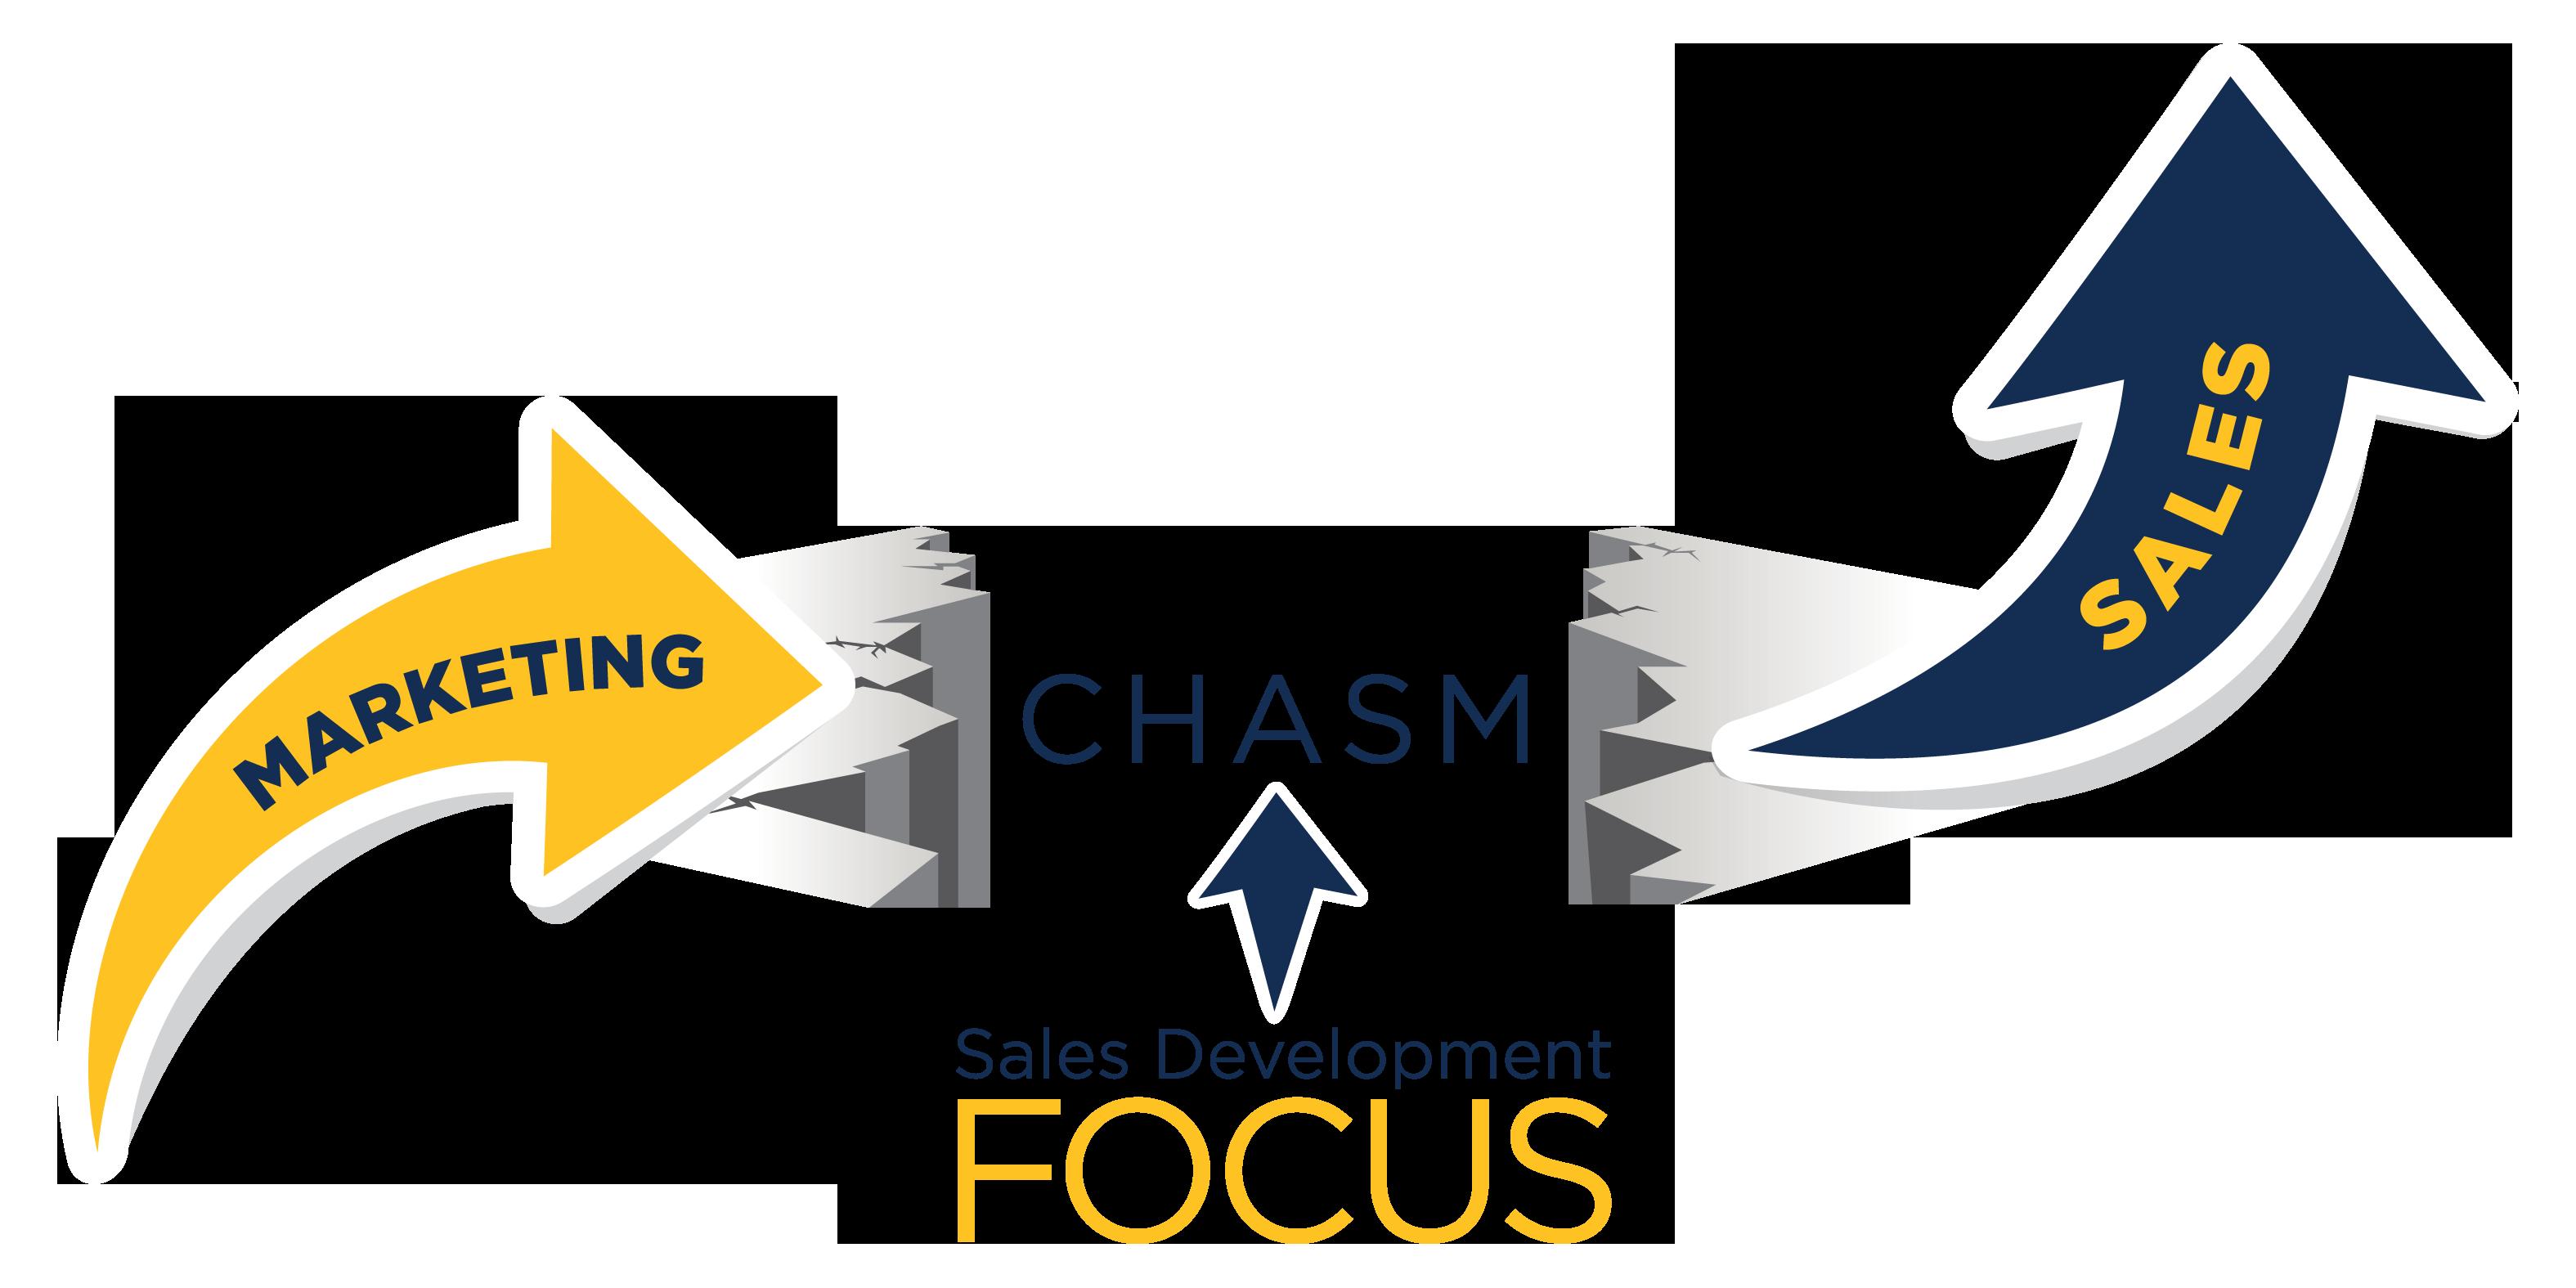 sales-development-chasm